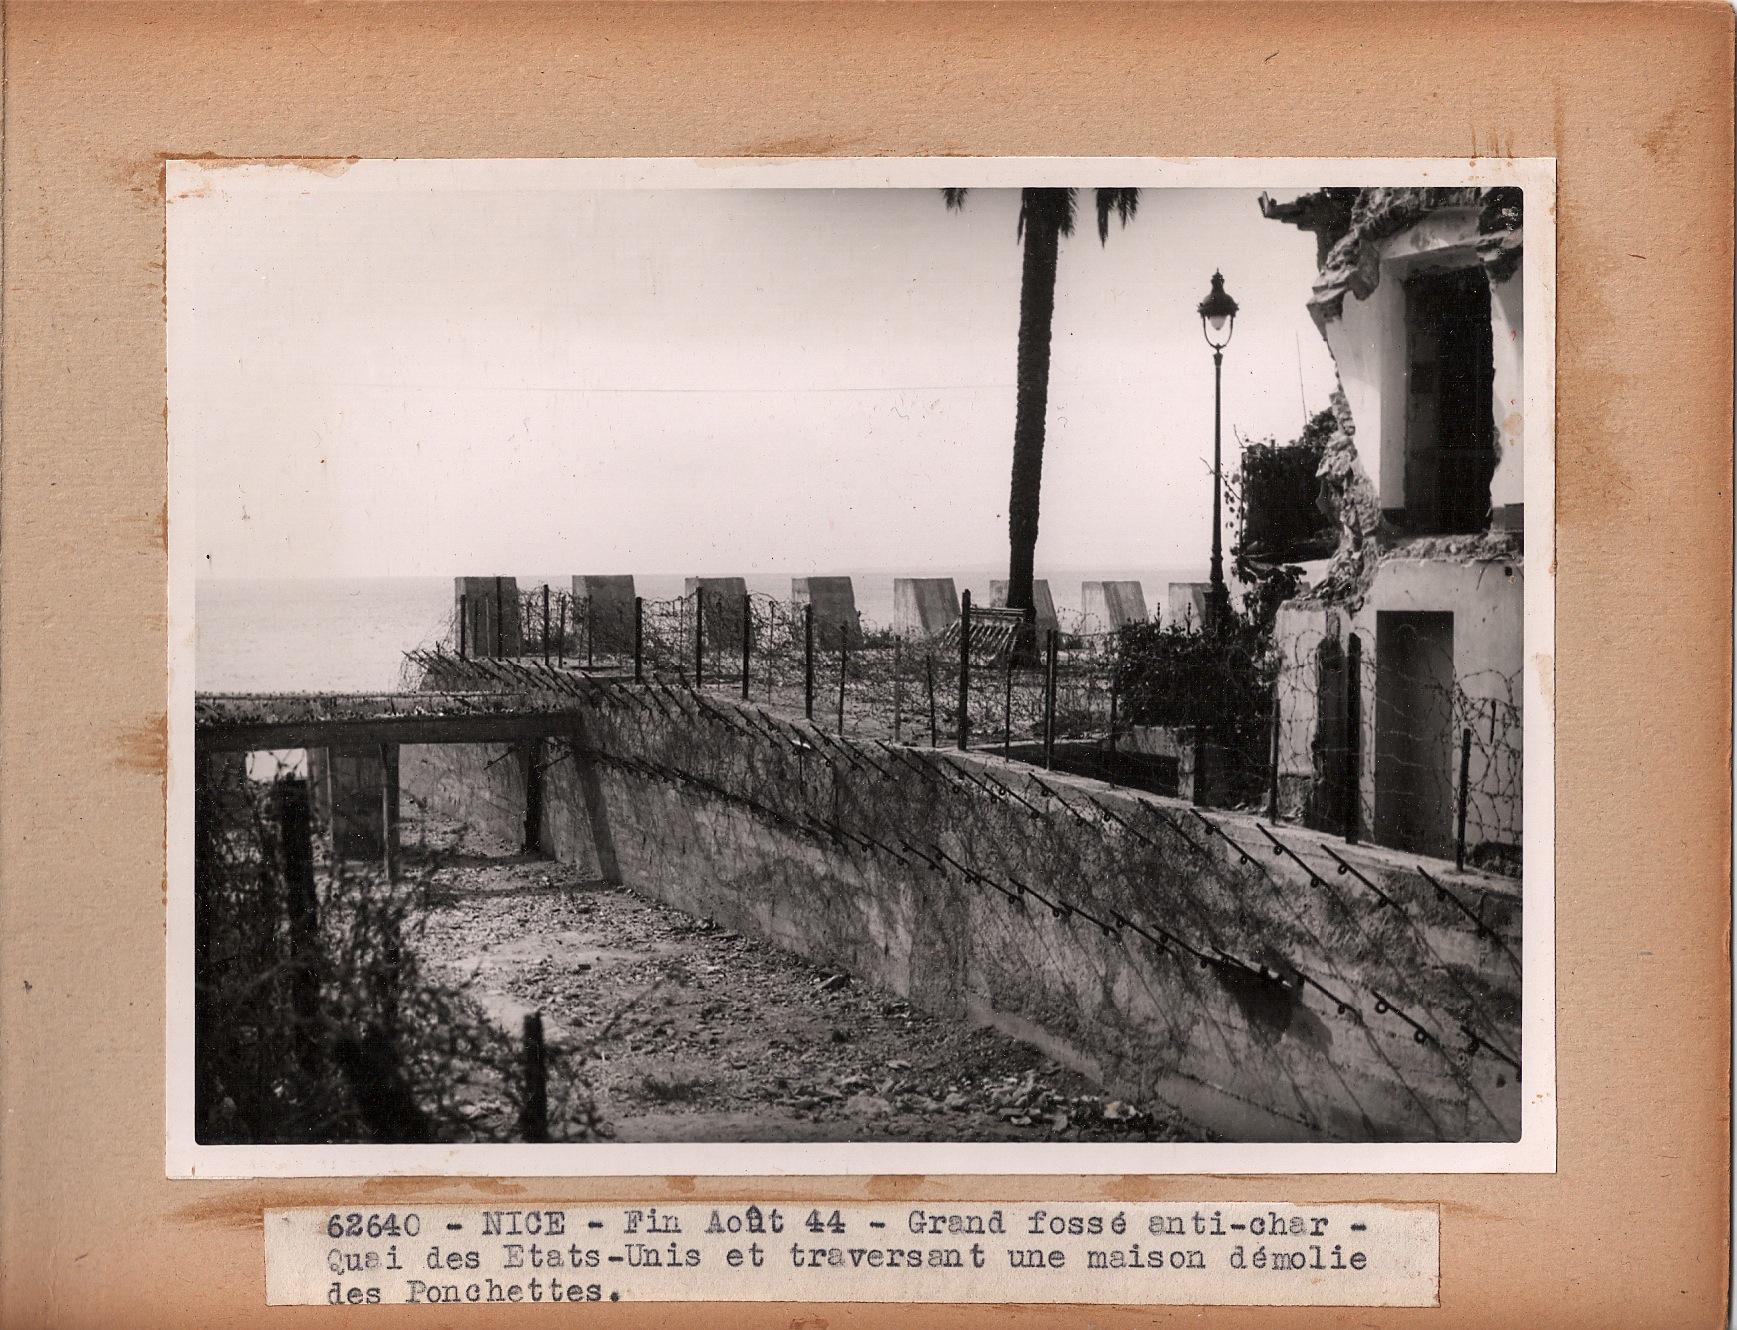 NICE 1944 89